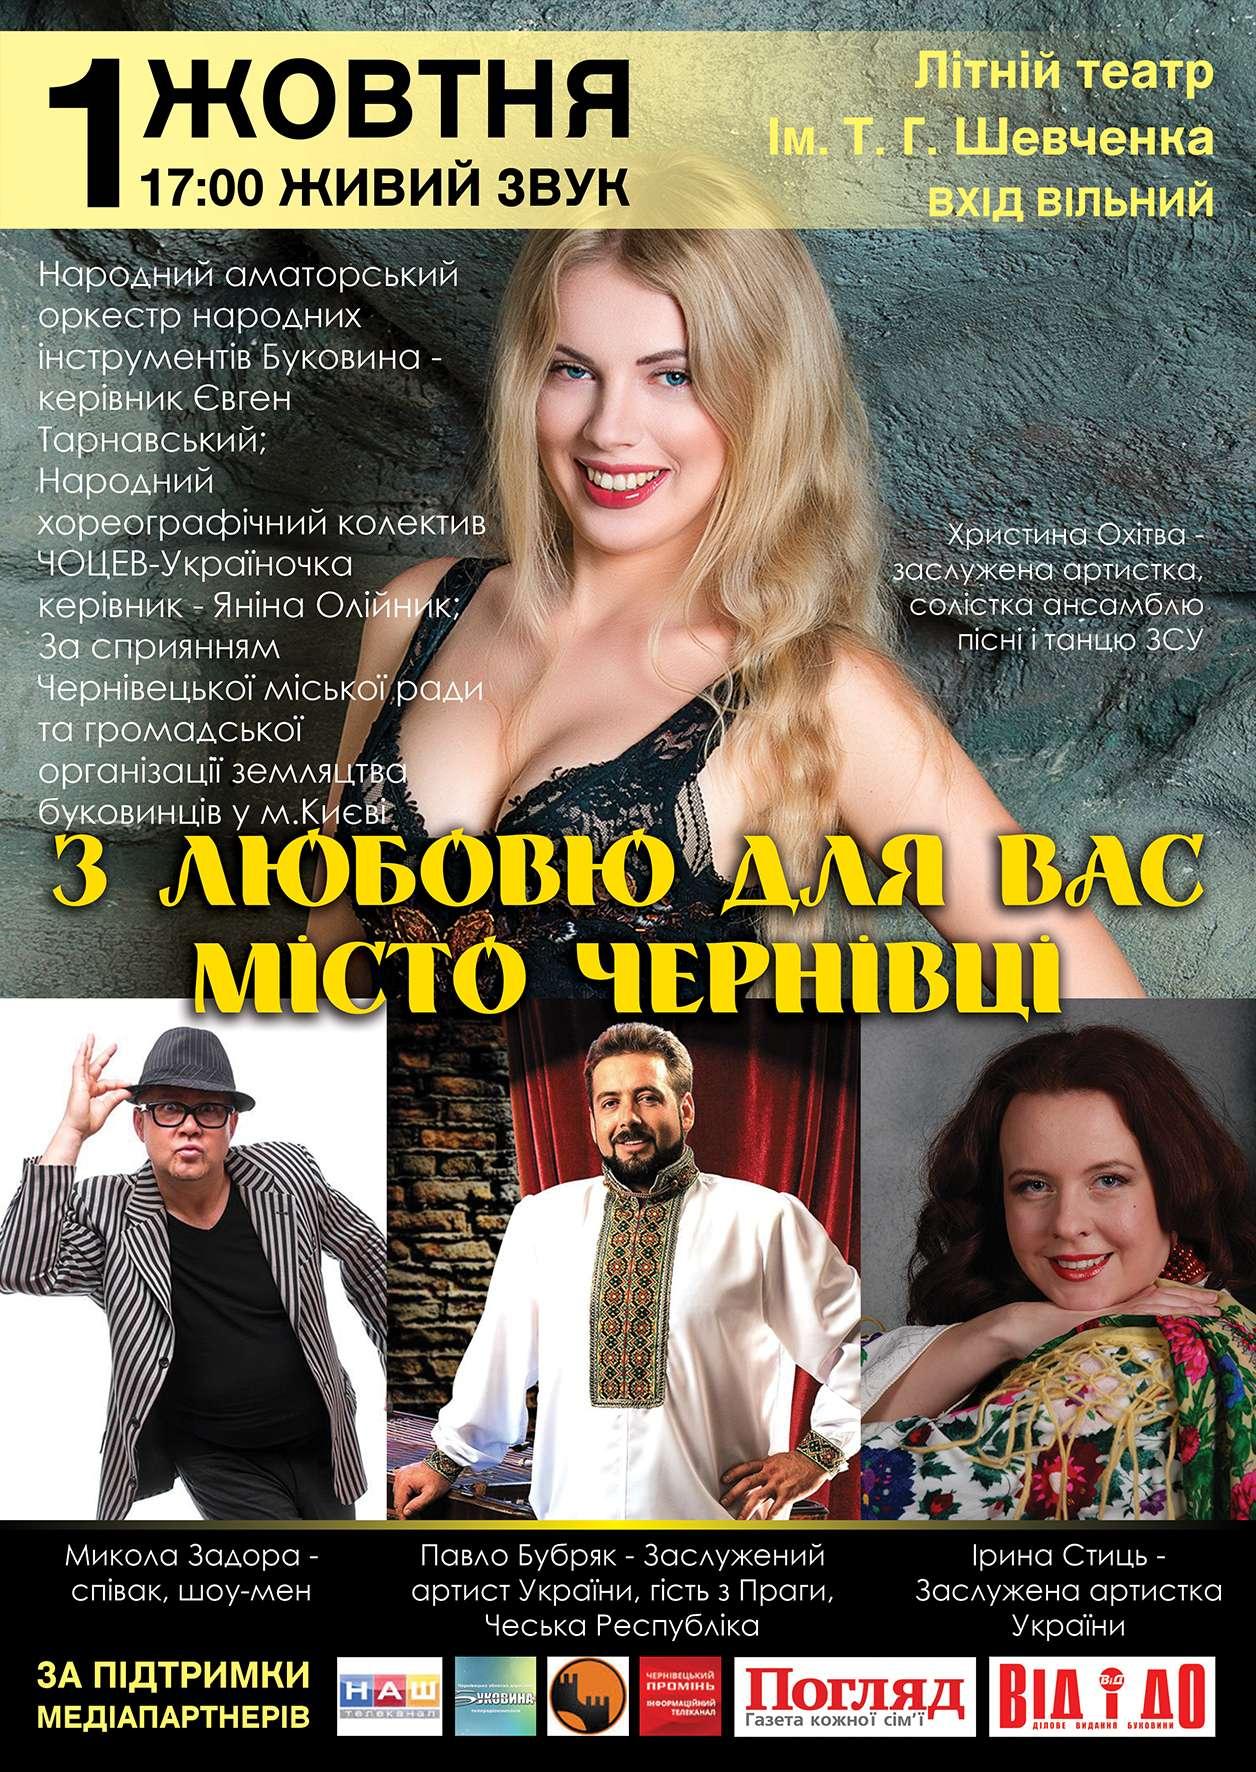 Христина Охітва запрошує на безкоштовний концерт у Чернівцях